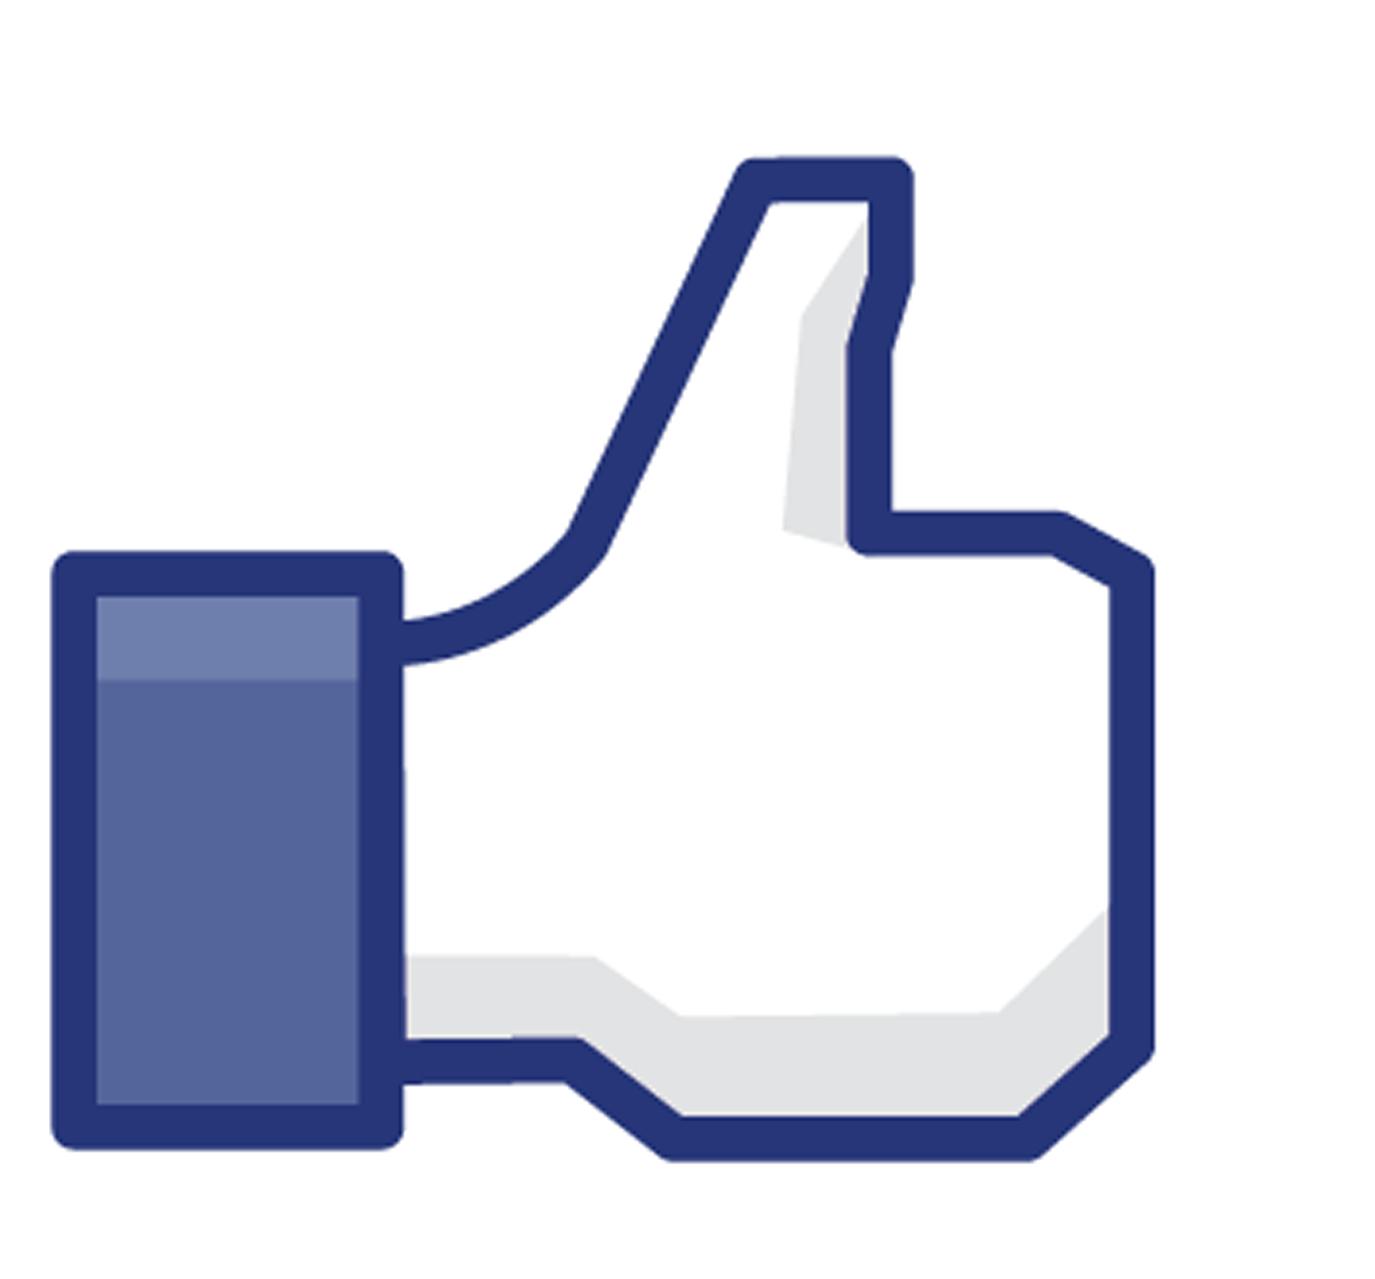 1375x1279 Facebook Like Icon Birding Frontiers